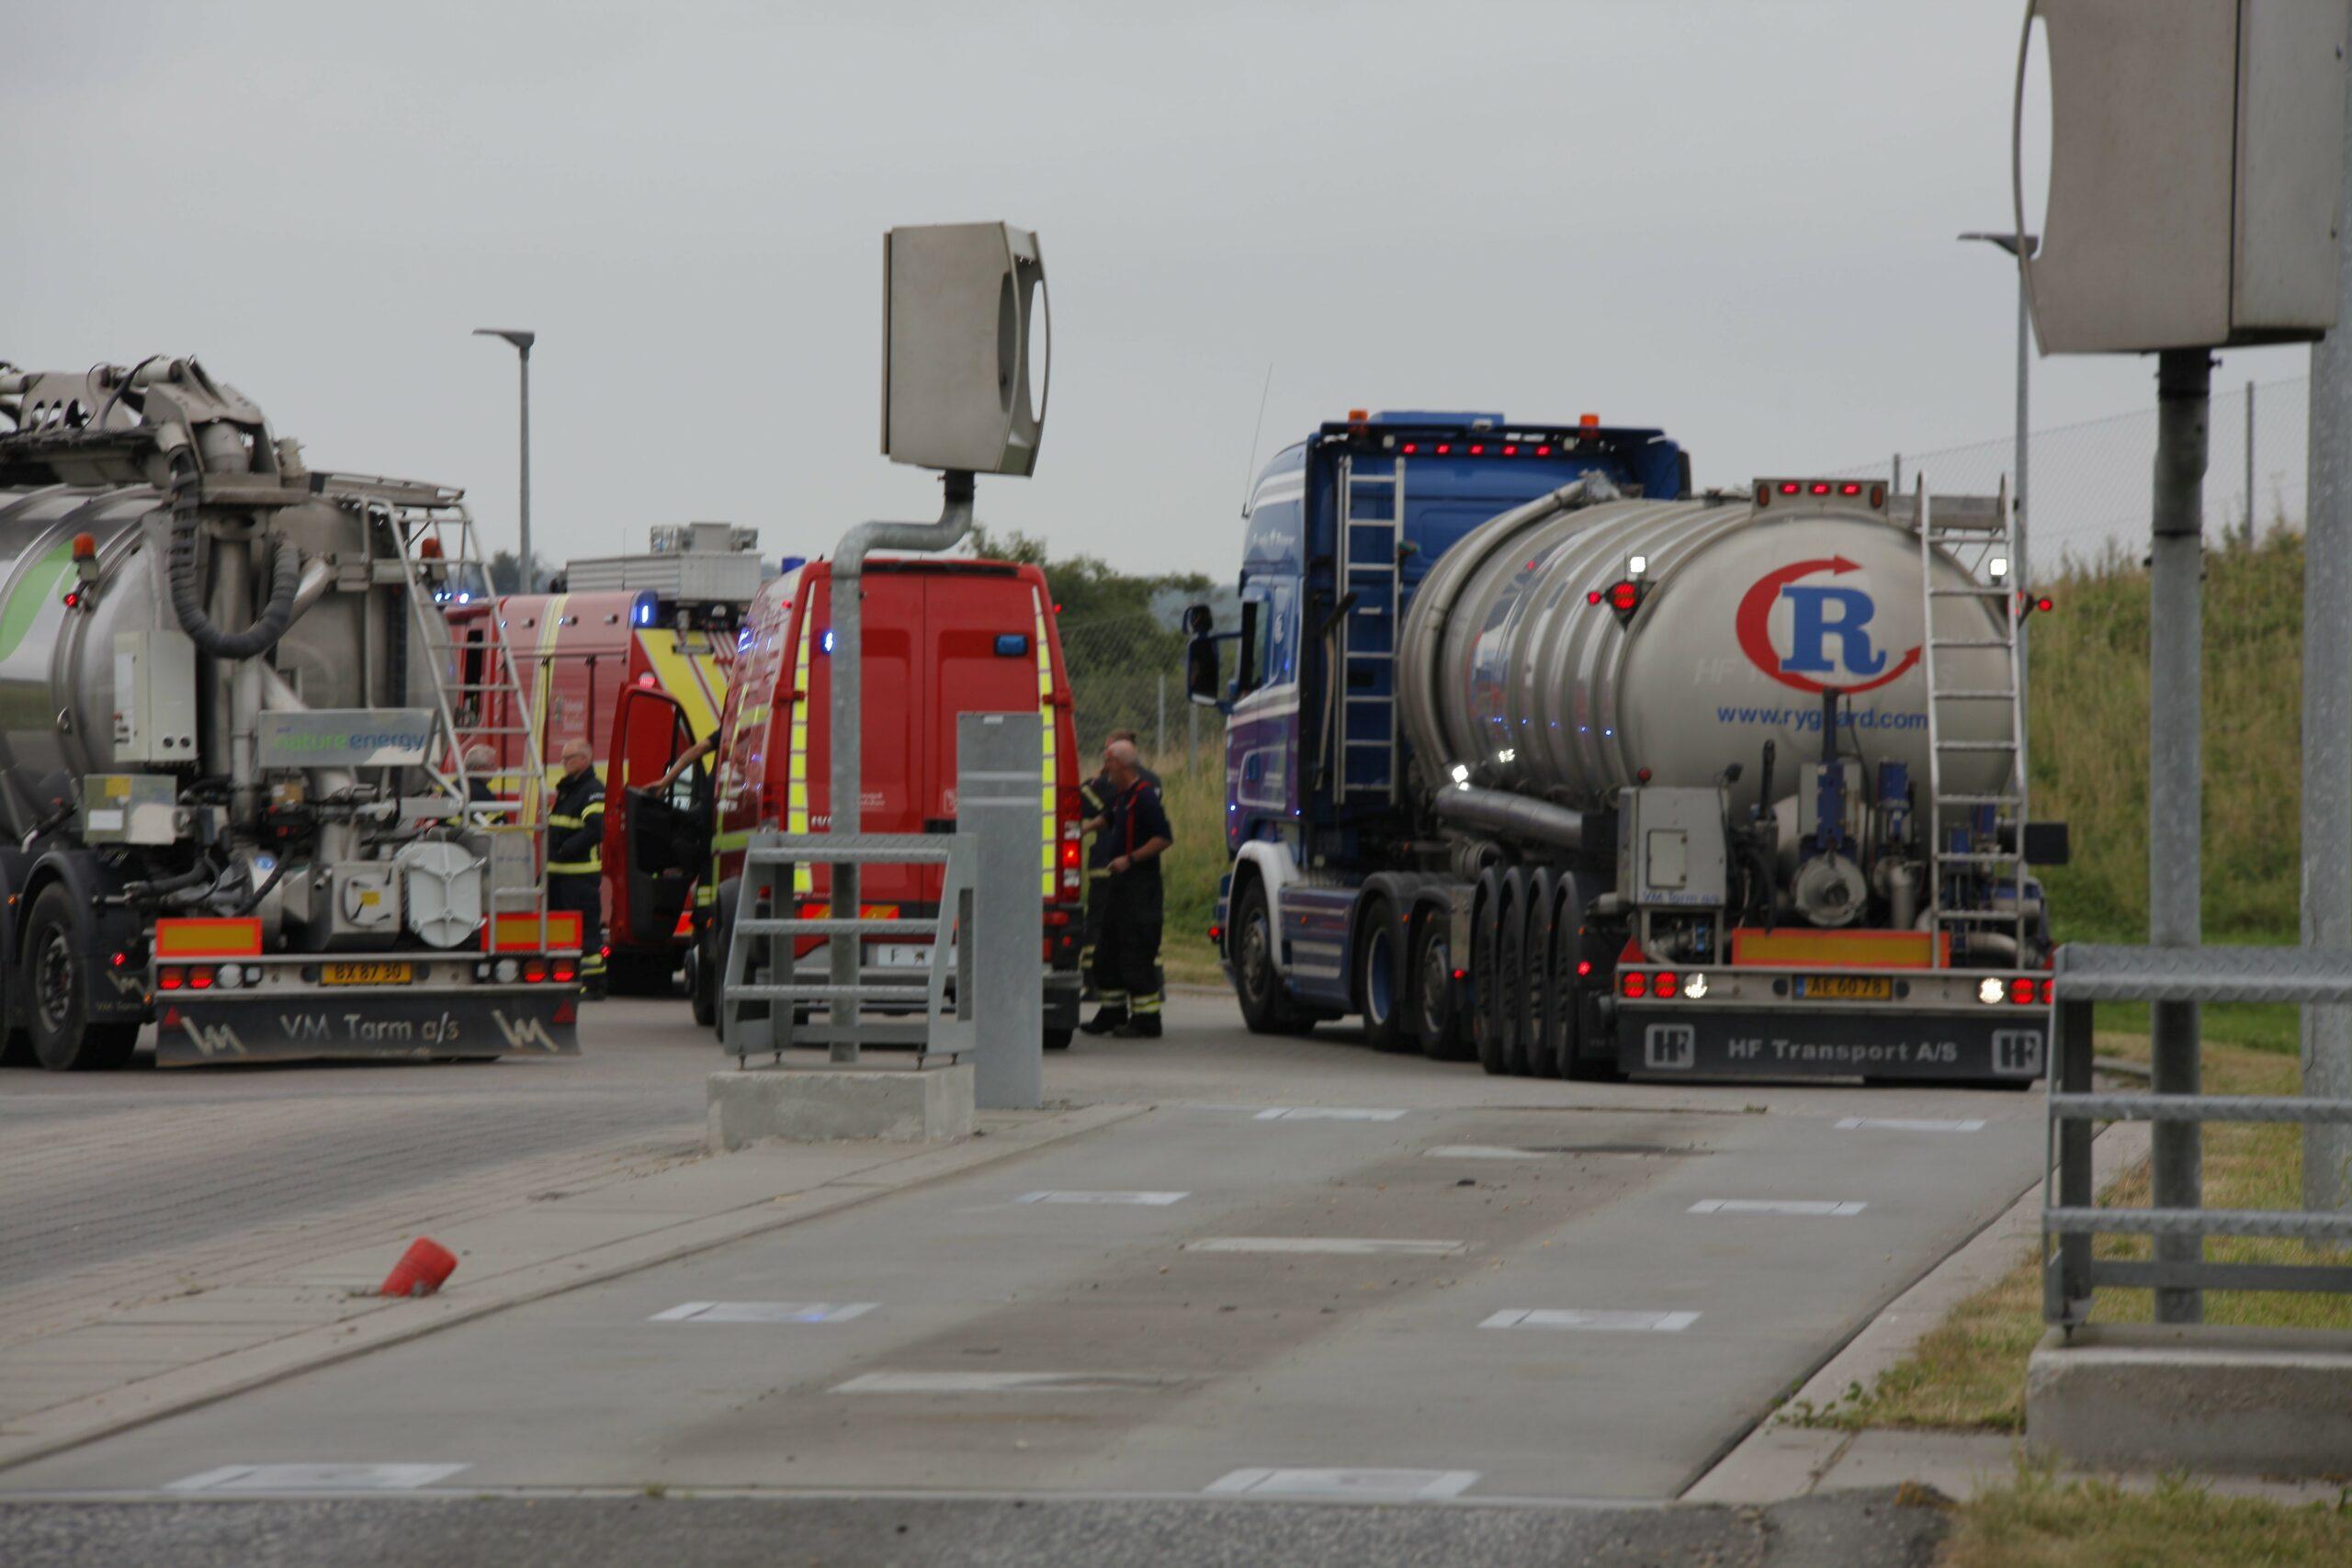 Lige nu: Melding om større forurening ved Esbjerg - Brandvæsnet er tilstede og afventer melding fra stedet